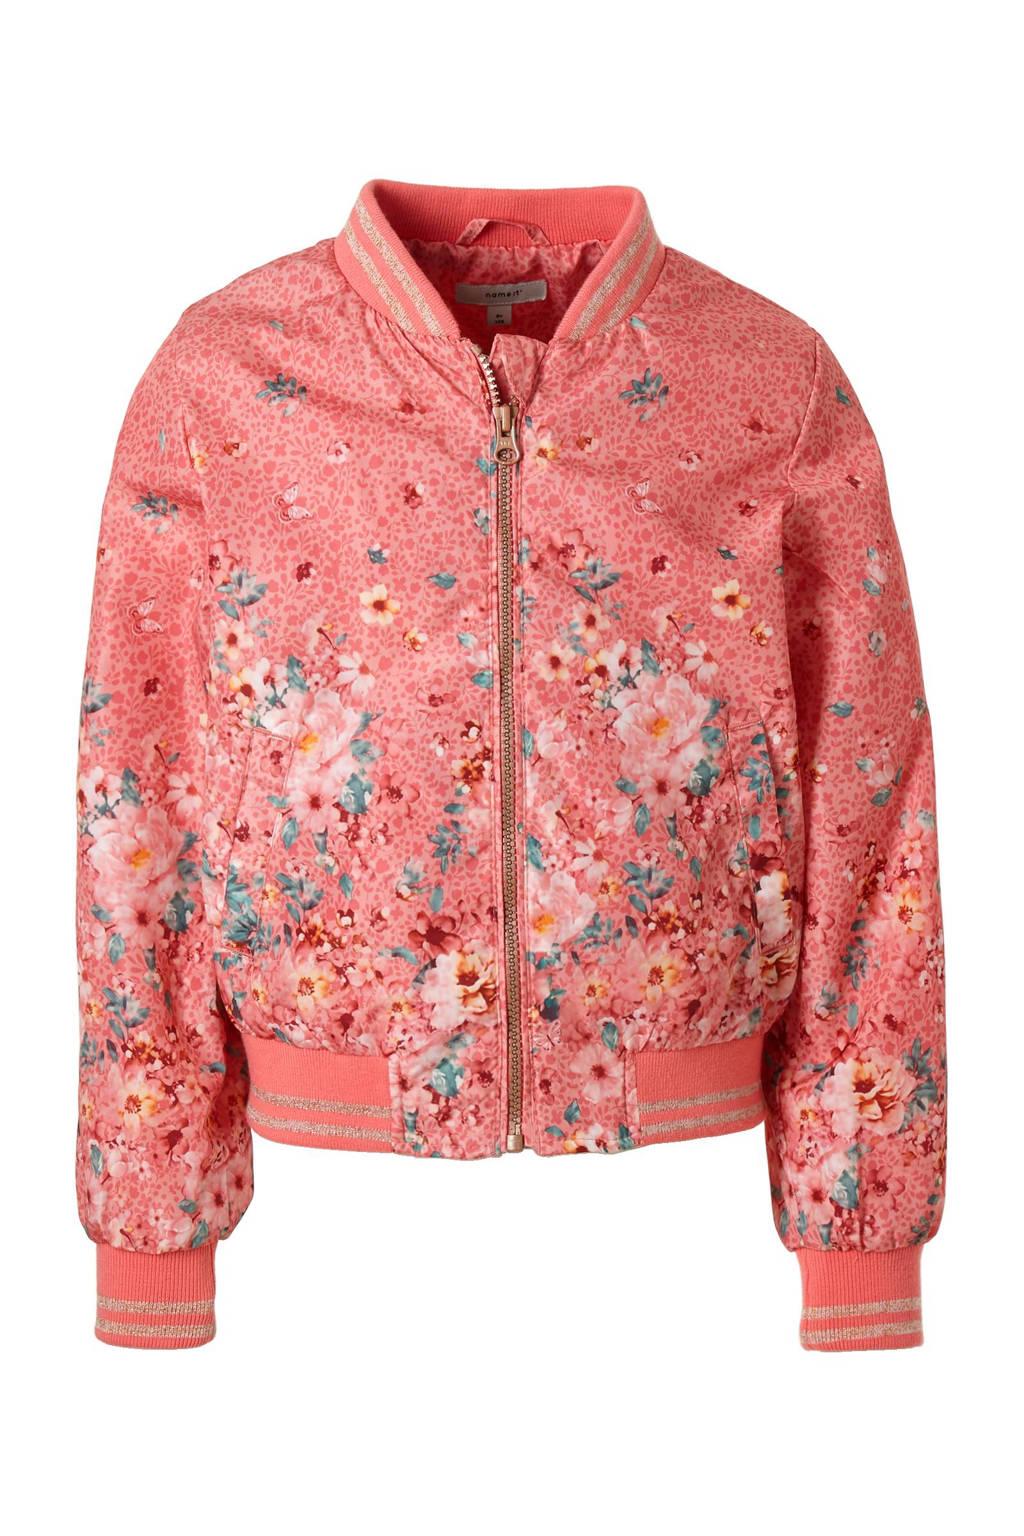 name it KIDS zomerjas met allover bloemenprint, Roze / groen / geel